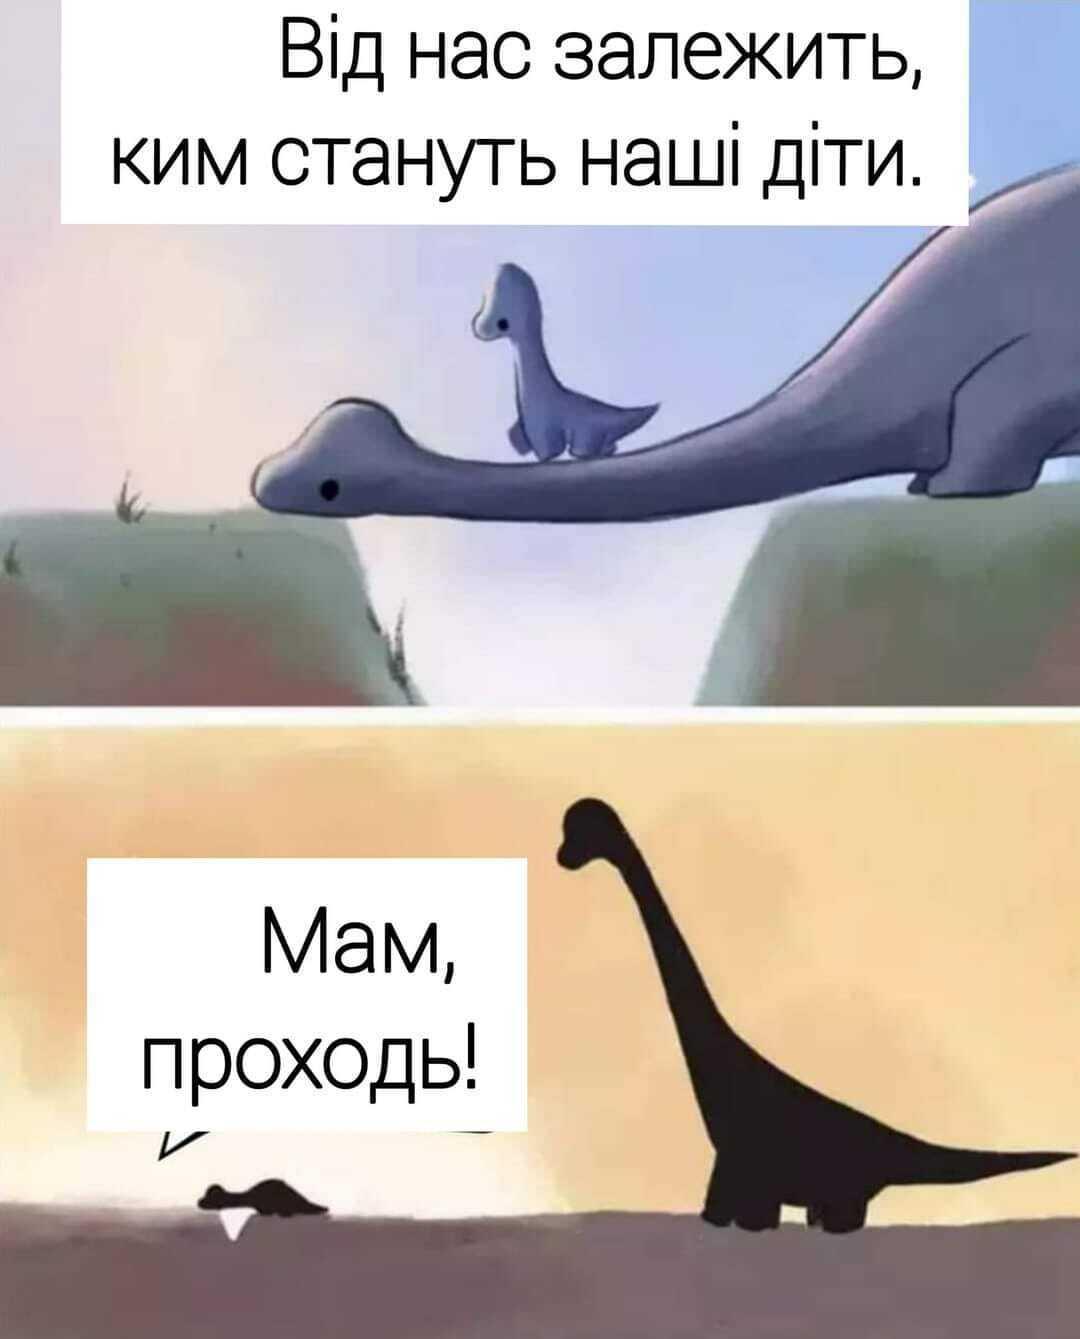 Мем о воспитании детей